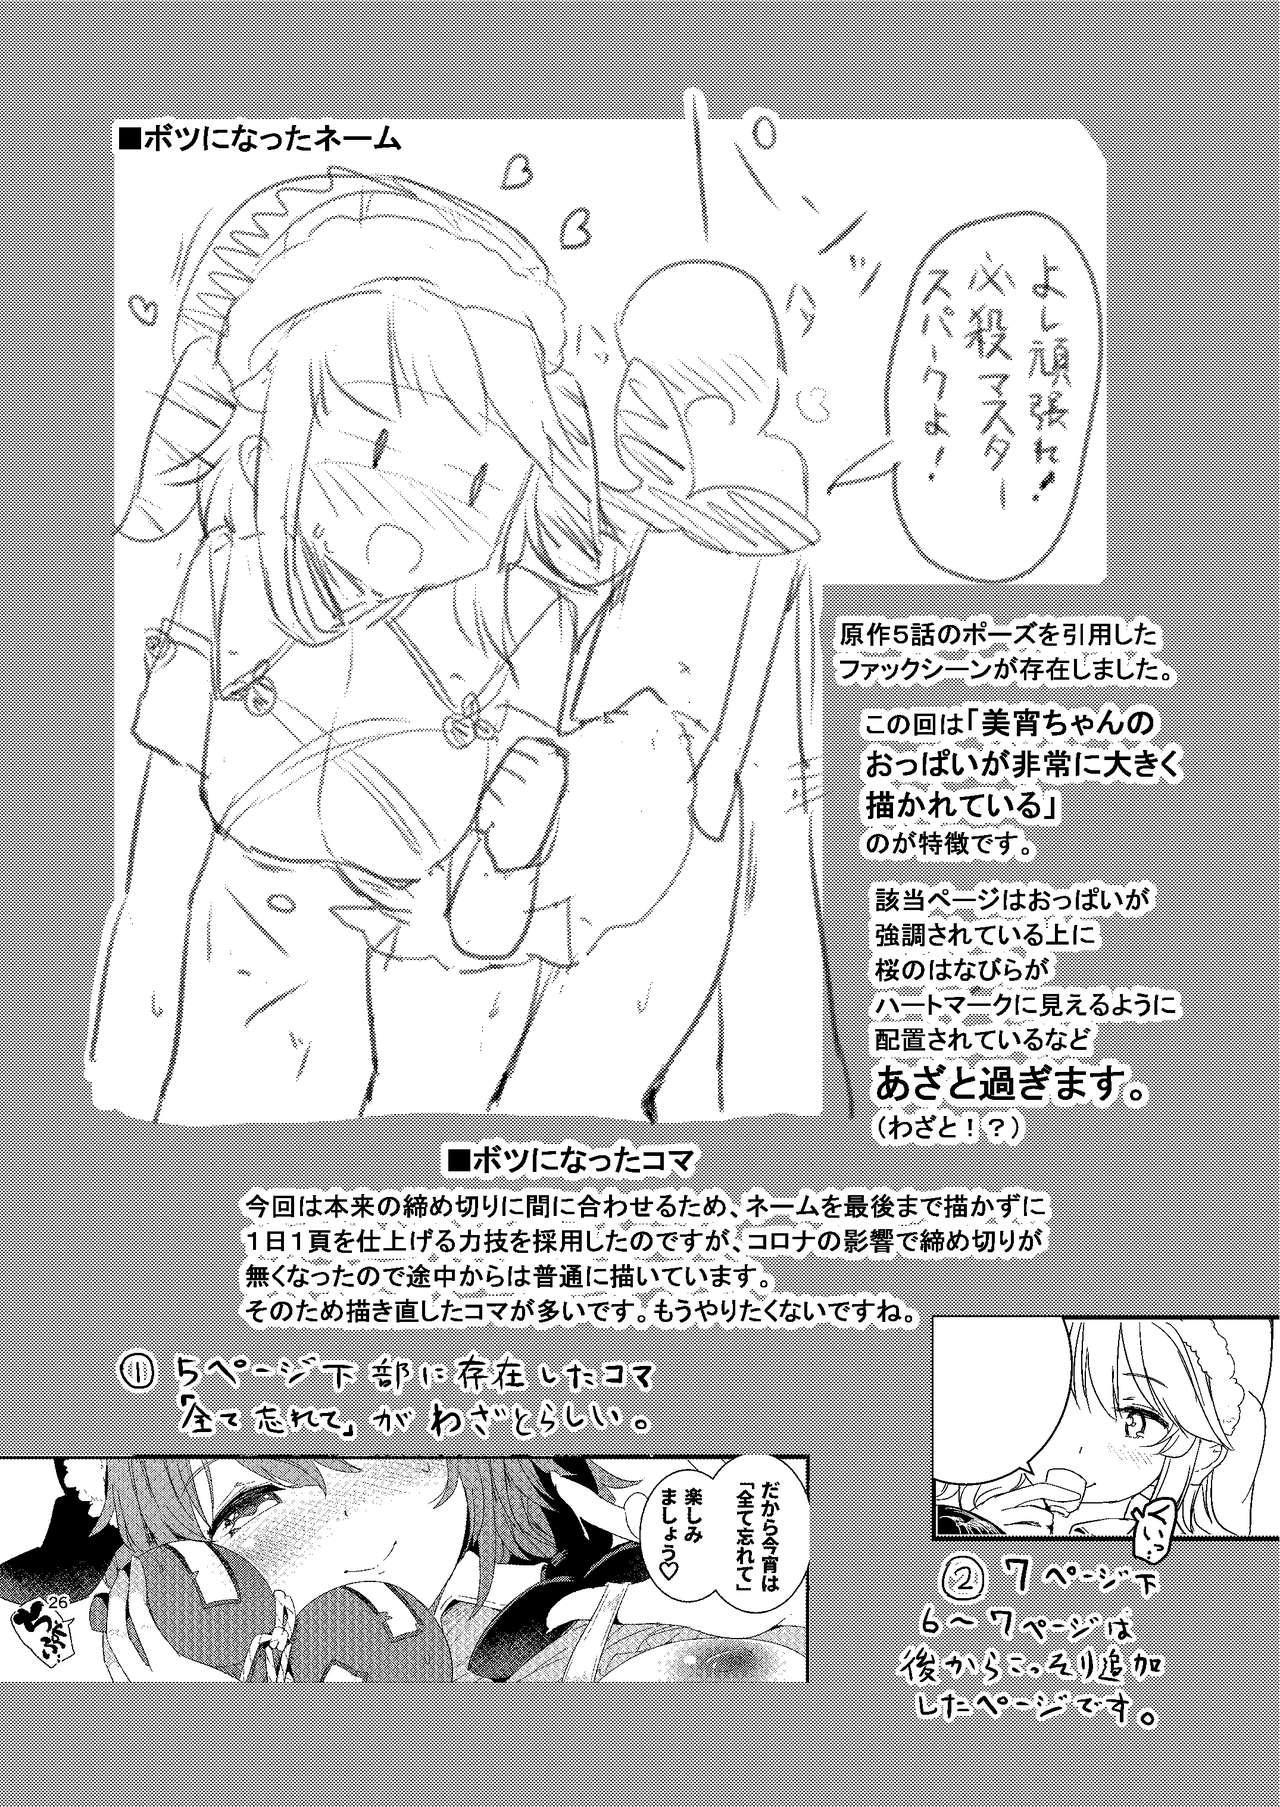 Fudeoroshi wa Kanbanmusume ni Omakaseare! 23